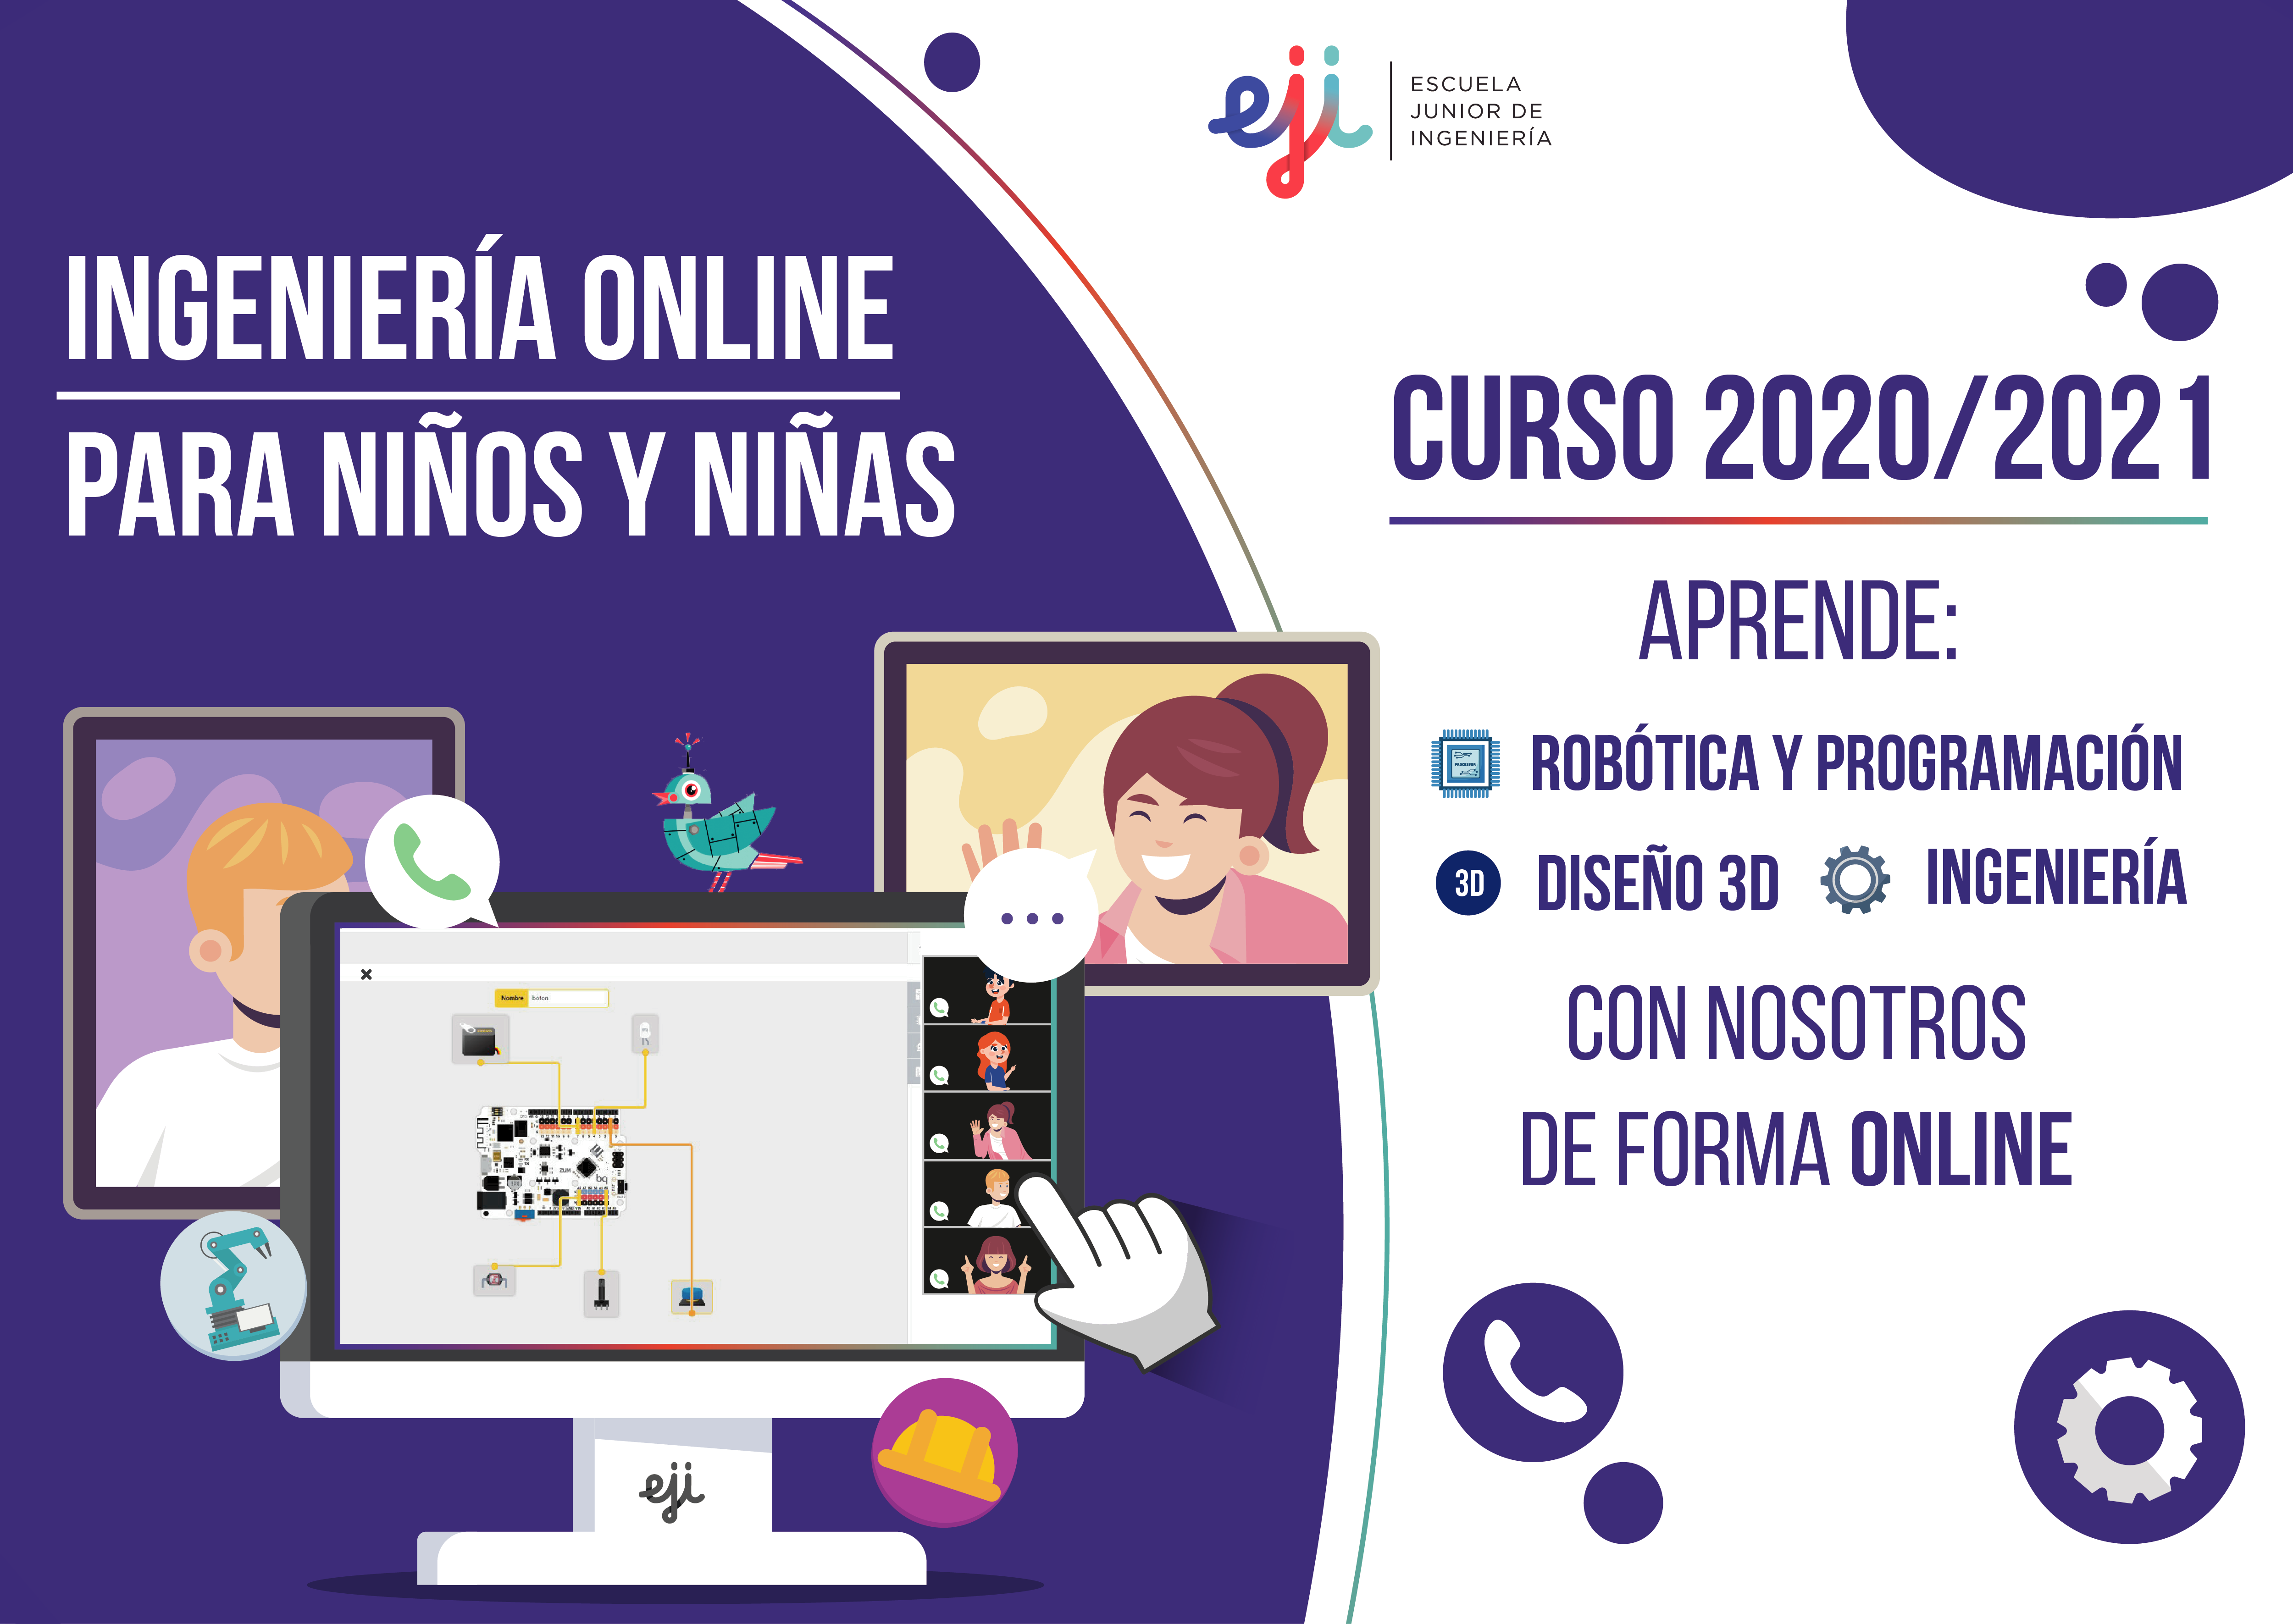 Ingeniería Online